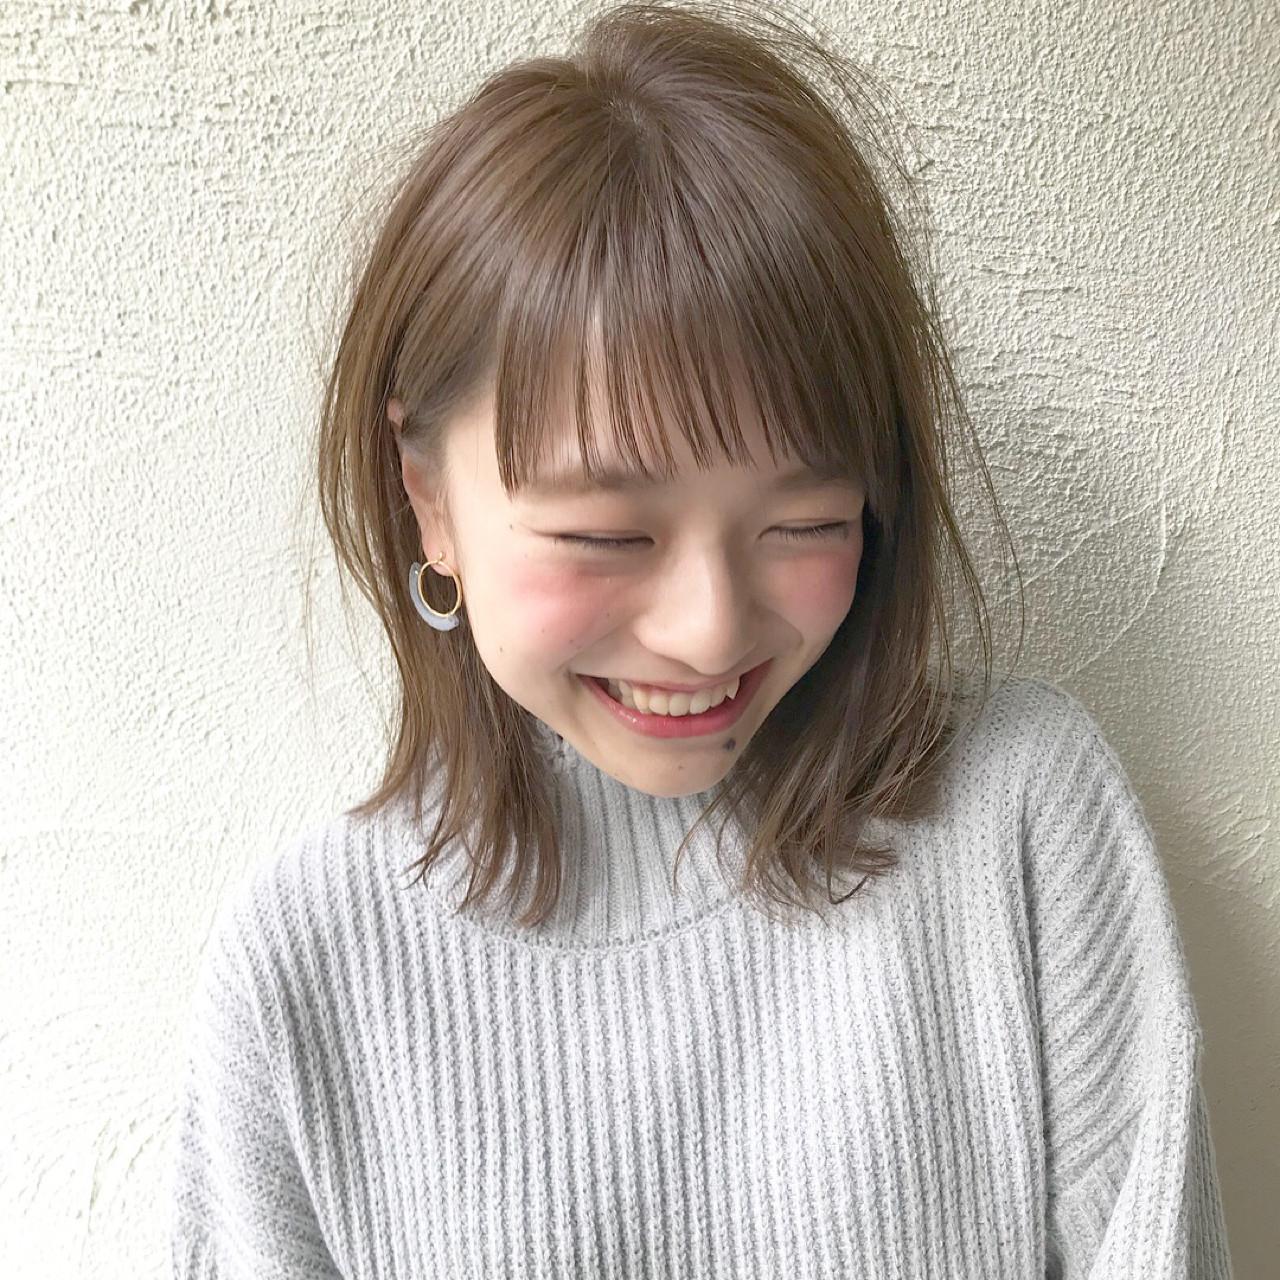 ロブ ボブ ナチュラル こなれ感 ヘアスタイルや髪型の写真・画像 | 切りっぱなしレイヤー&パーマ Un ami 増永 / Un ami omotesando